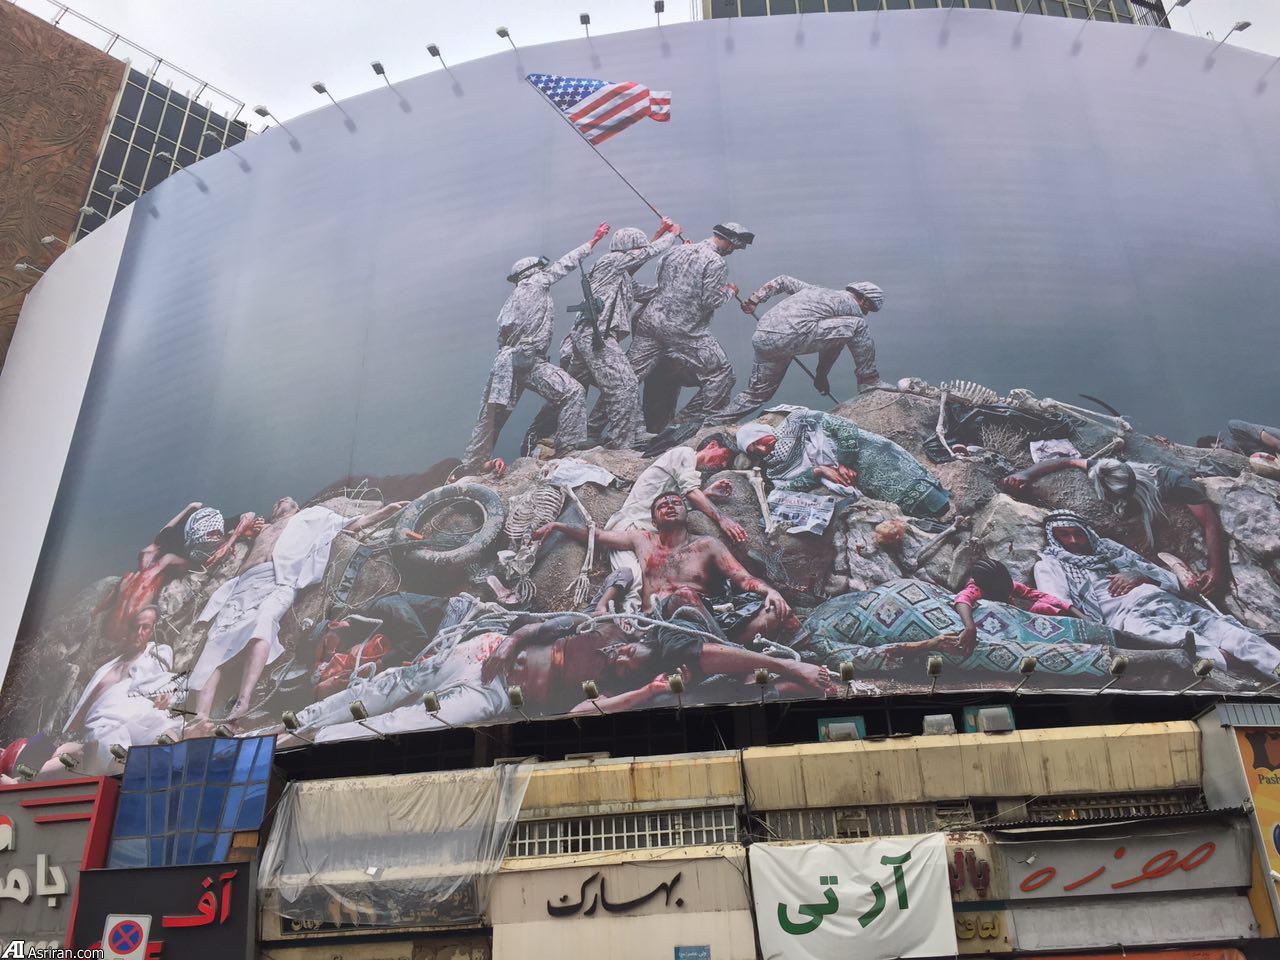 تابلوی ضد آمریکایی با الهام از عکس مشهور جنگ جهانی تهران- میدان ولیعصر (عکس)